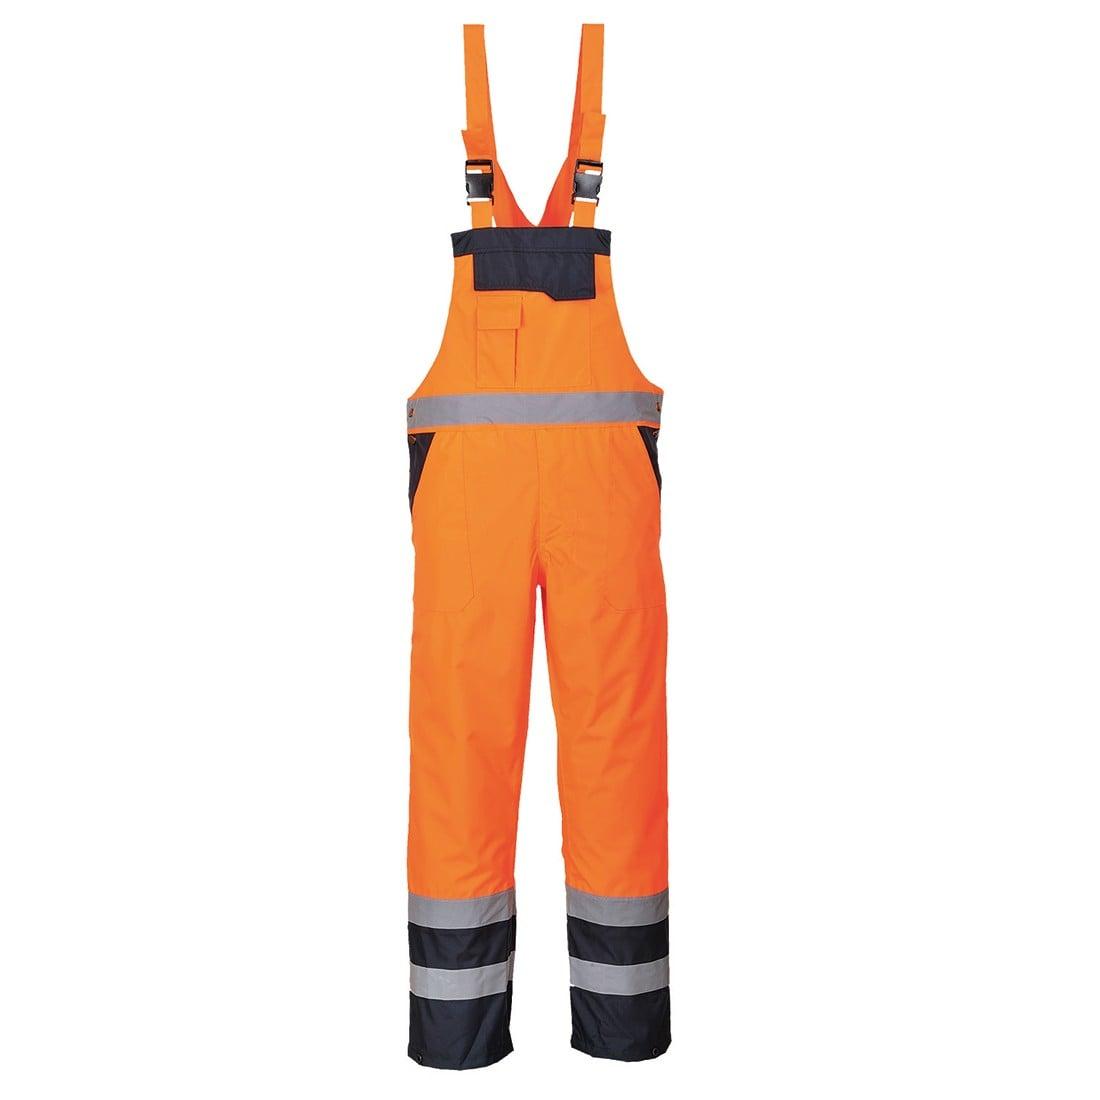 Portwest Mens Hi Vis Work Wear Back Support Belt Elasticated